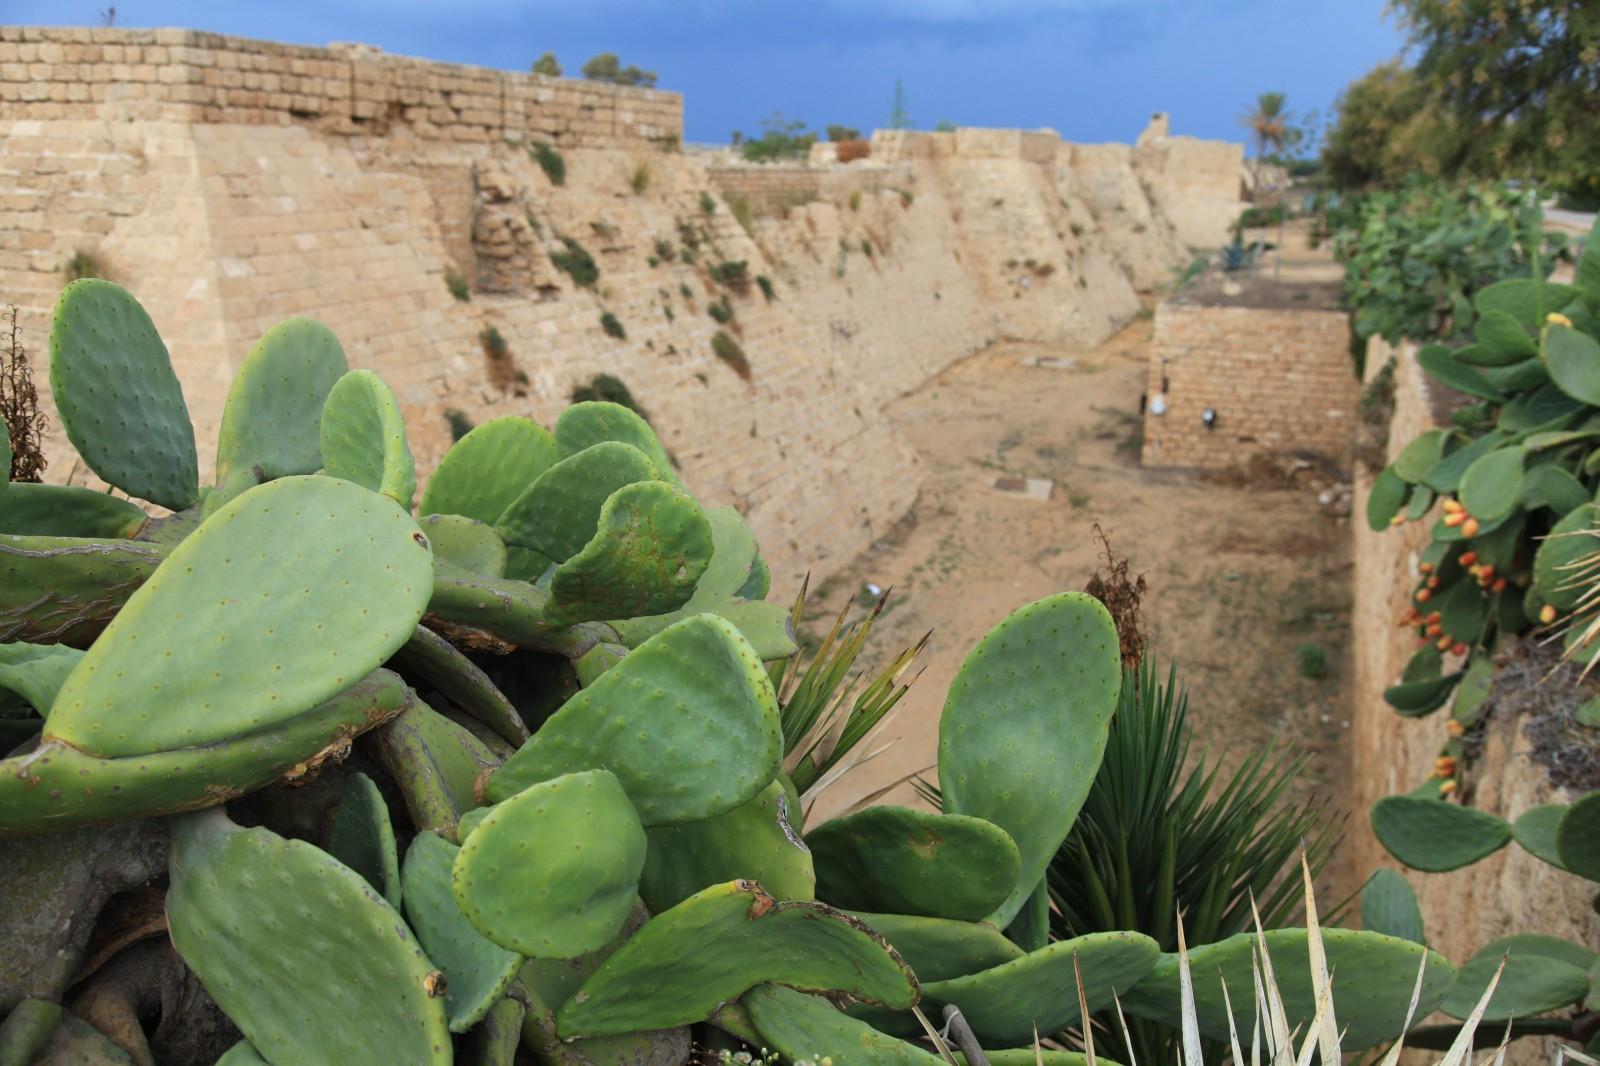 Caesarea exterior - an old Roman fortress